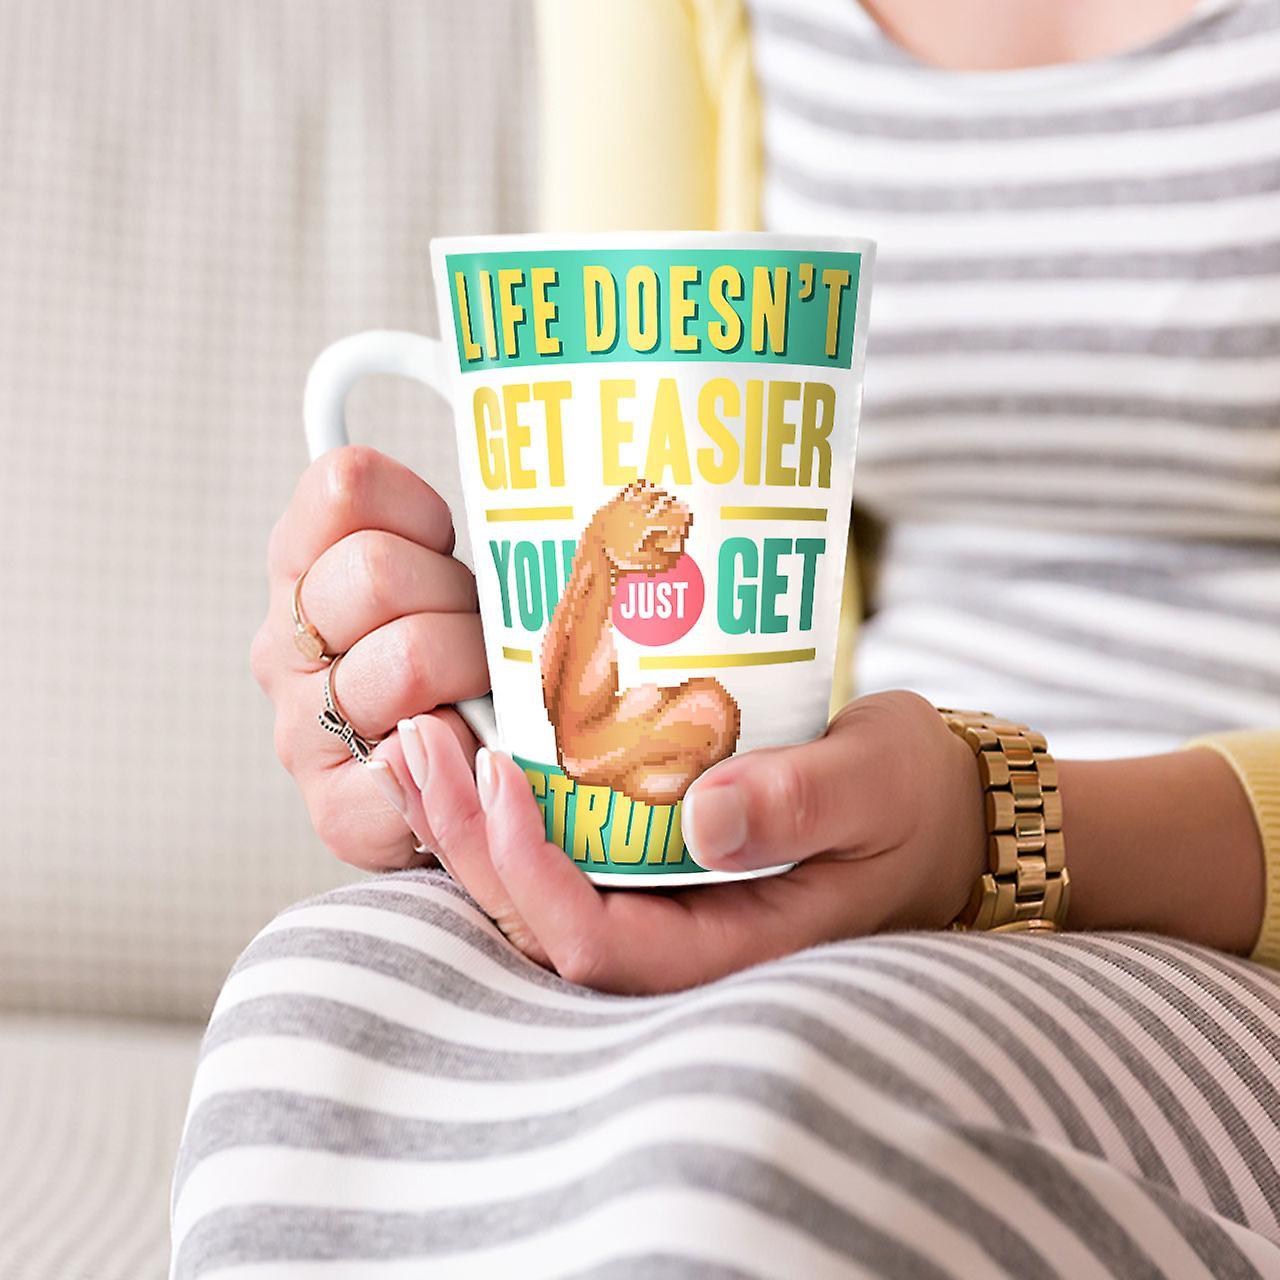 Leben nie einfach neue Weißer Tee Kaffee Keramik Latte-Becher 17 oz | Wellcoda